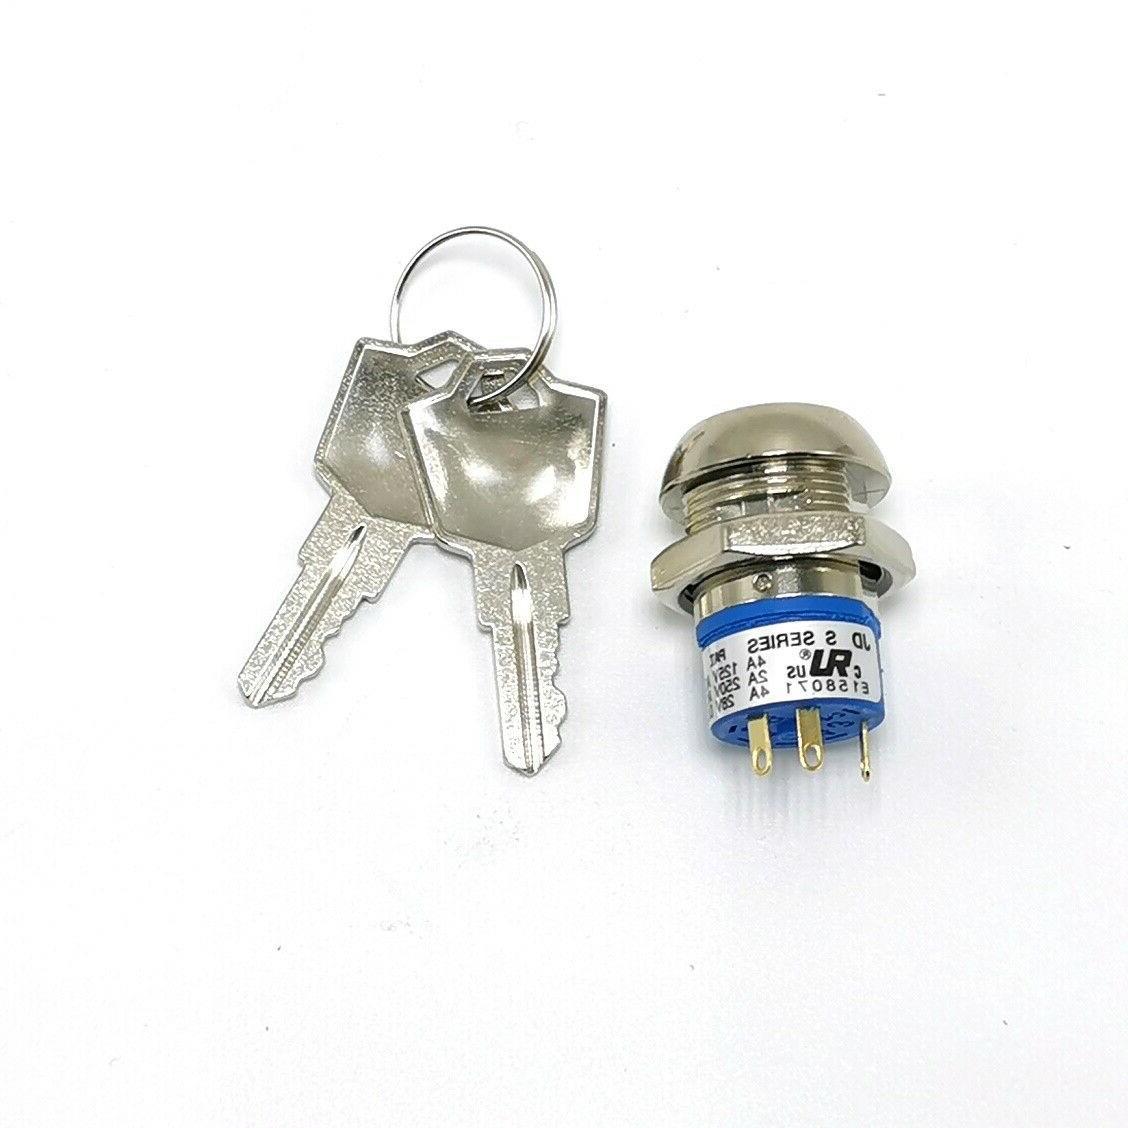 Key Keys Replace and Pride Keyswitch